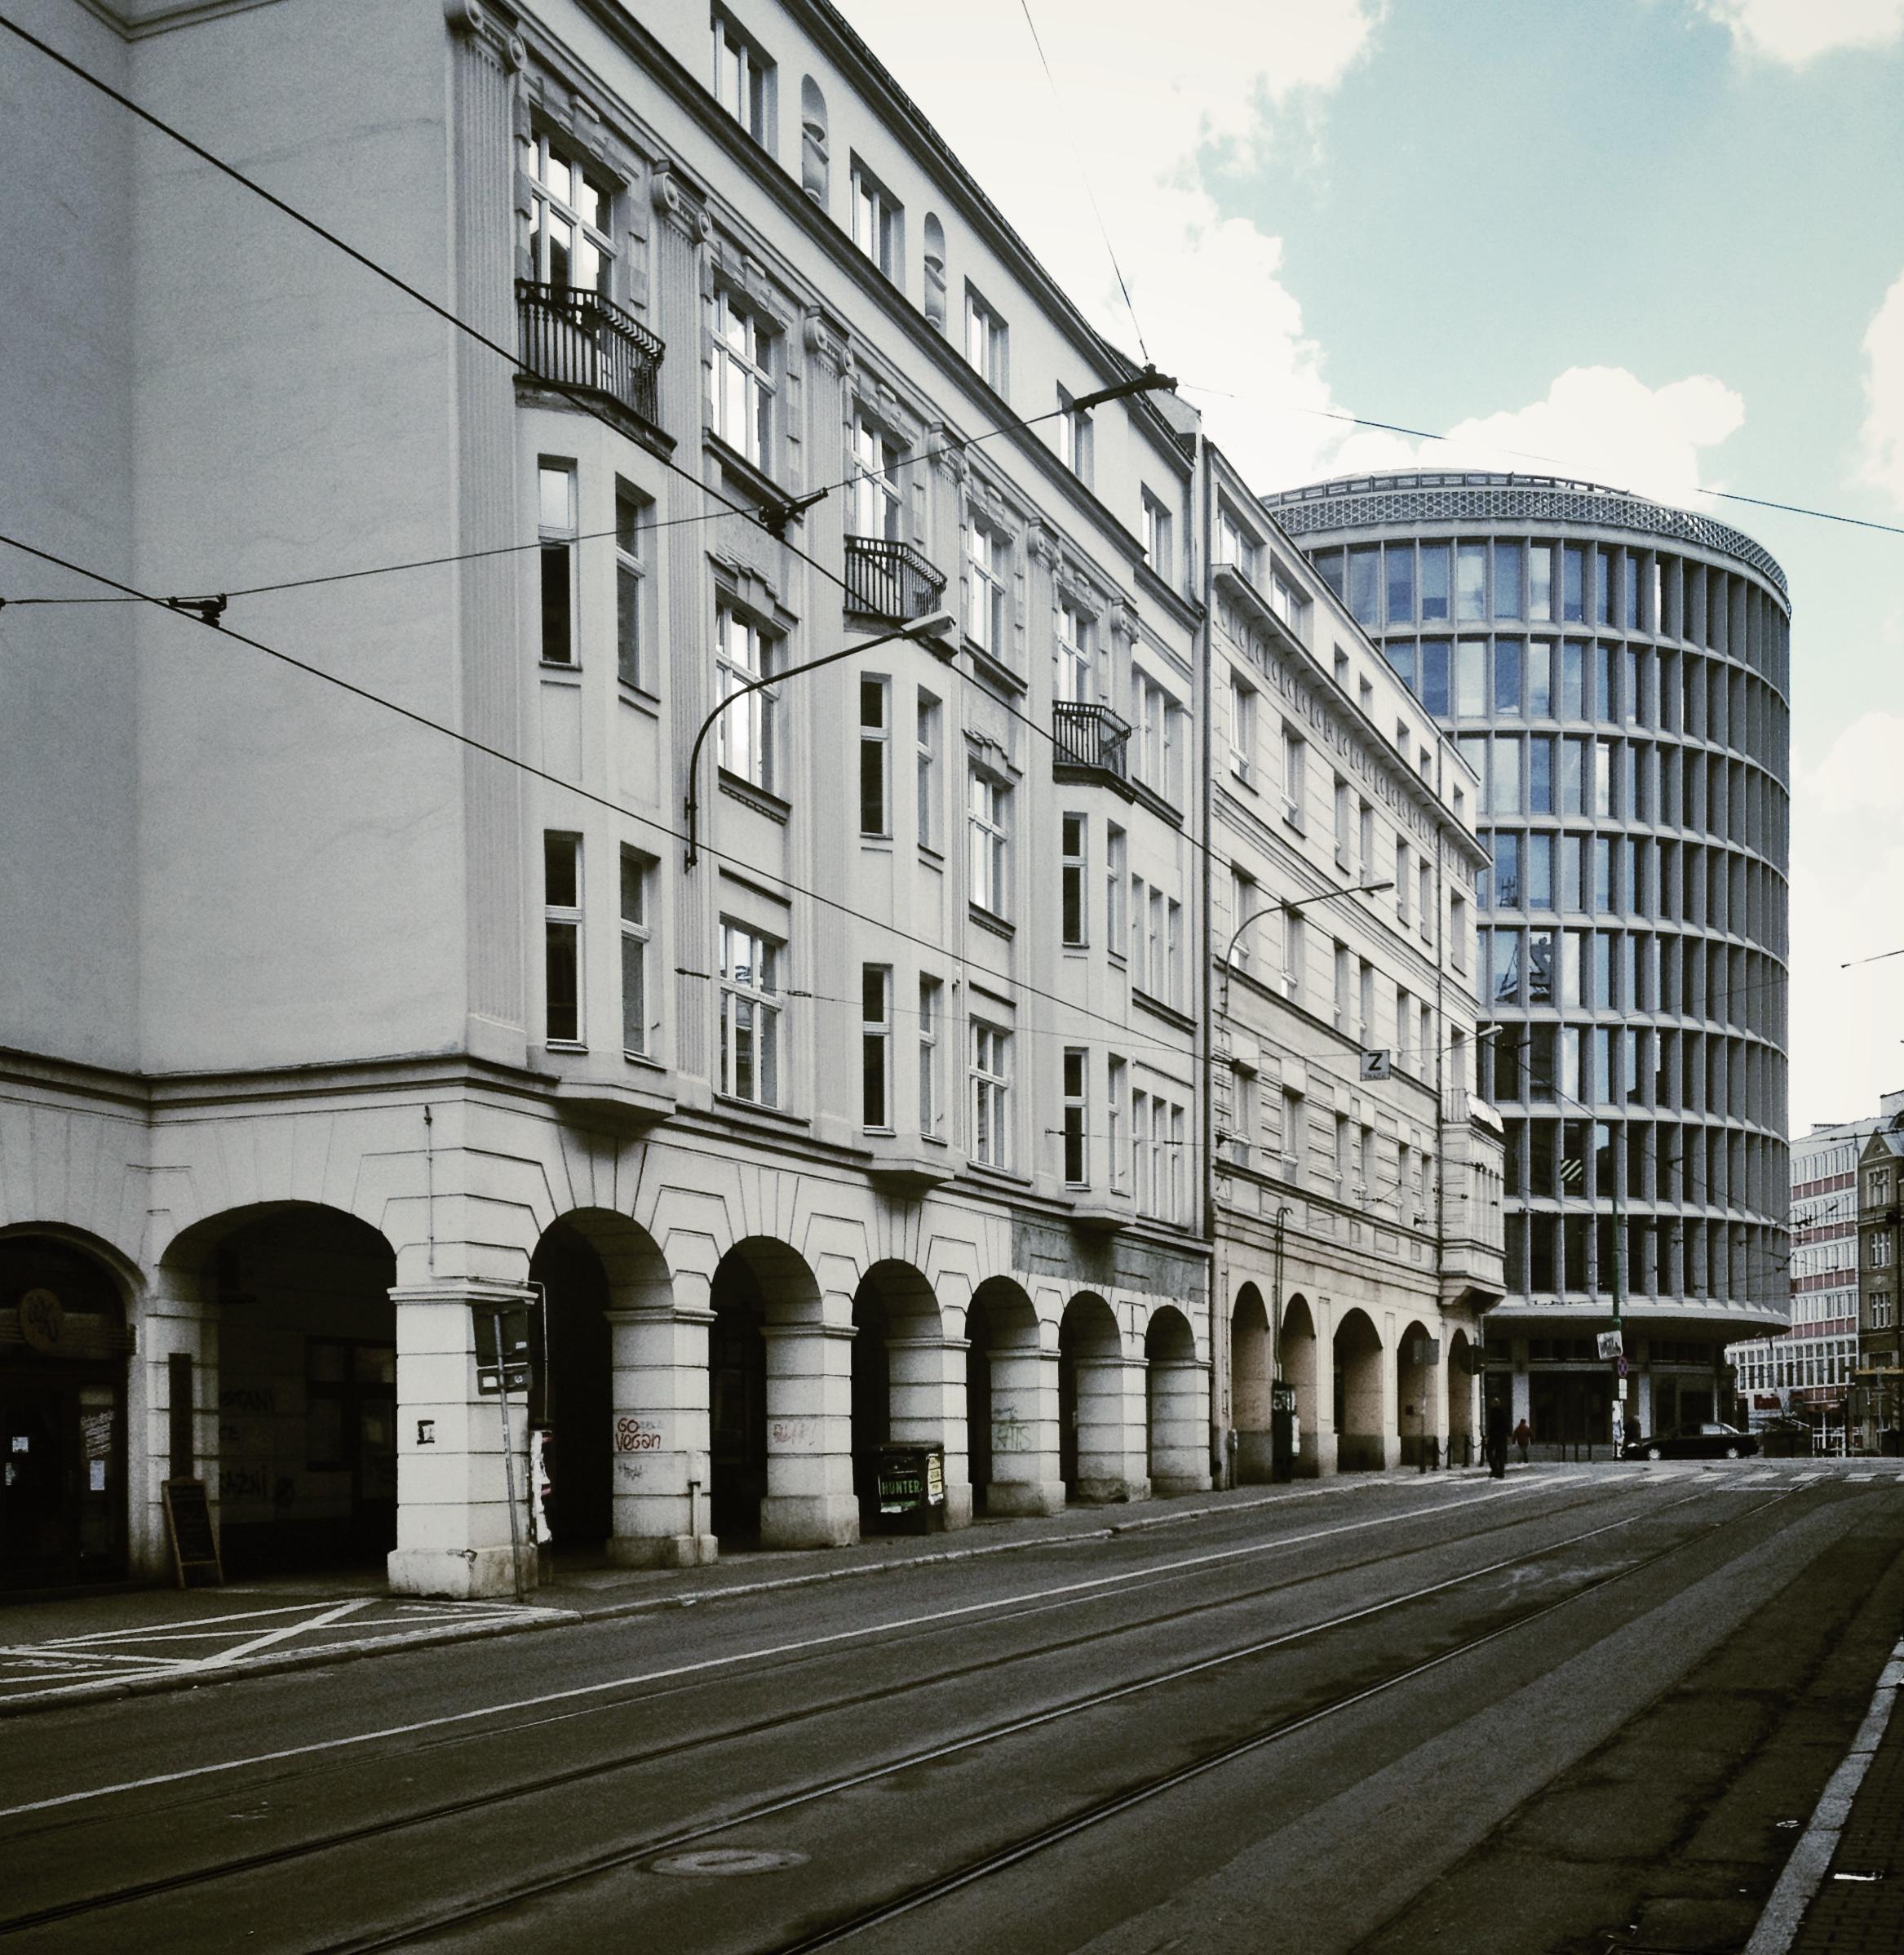 Działka, na której stanął obiekt, jest o tyle szczególna, że zbiegają się tutaj promieniście, ale dość nieregularnie cztery ulice (fot. Filip Springer)